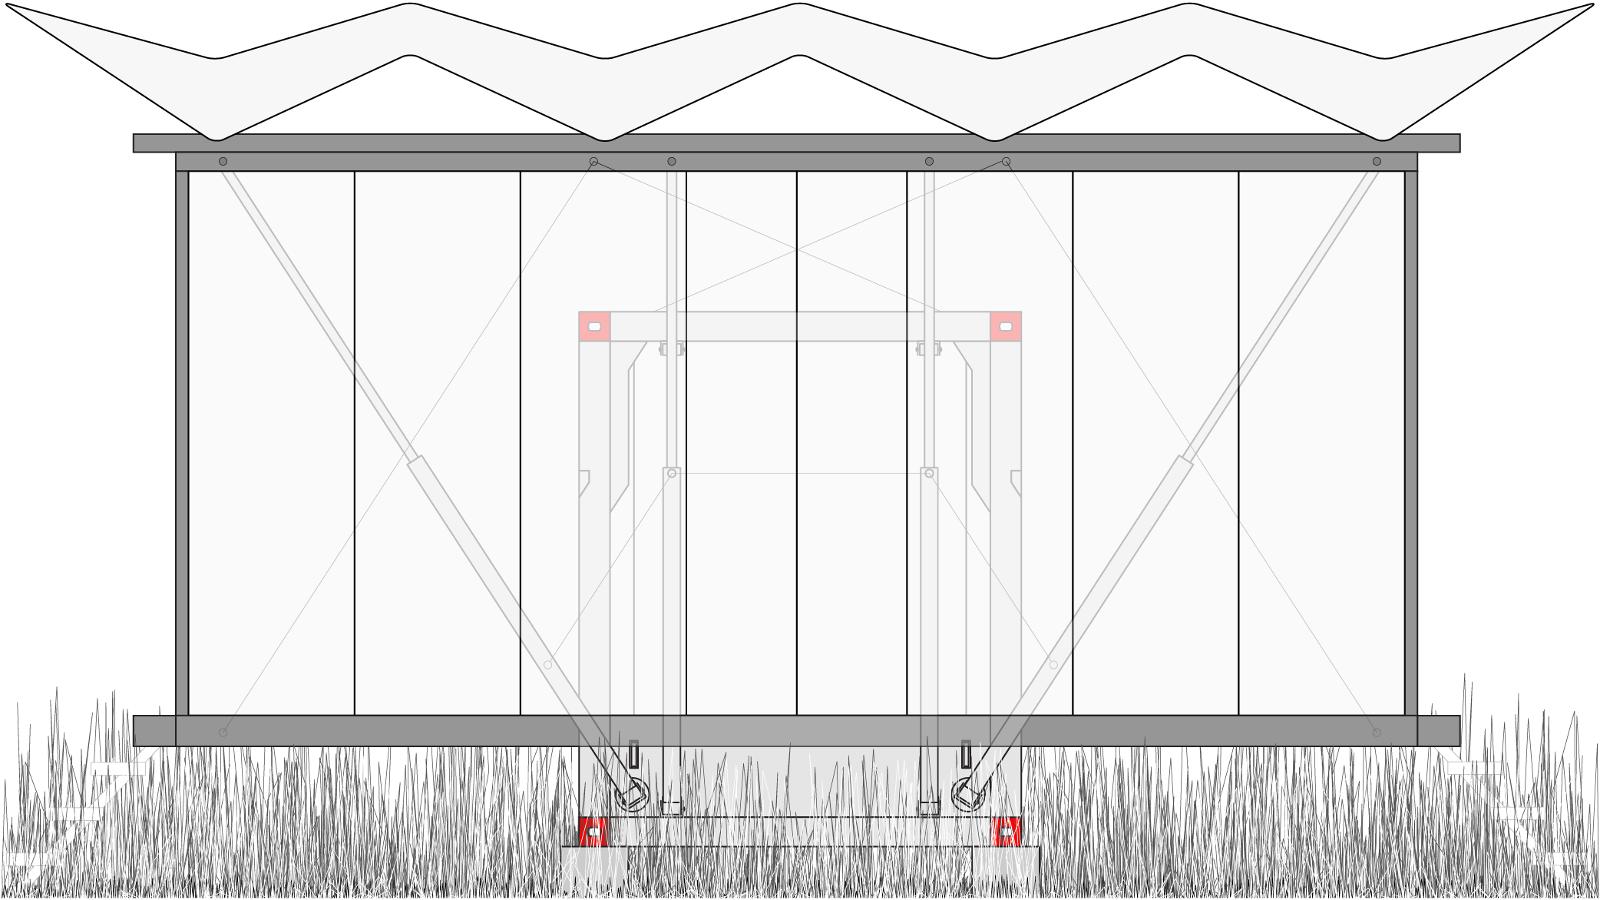 Component Construction